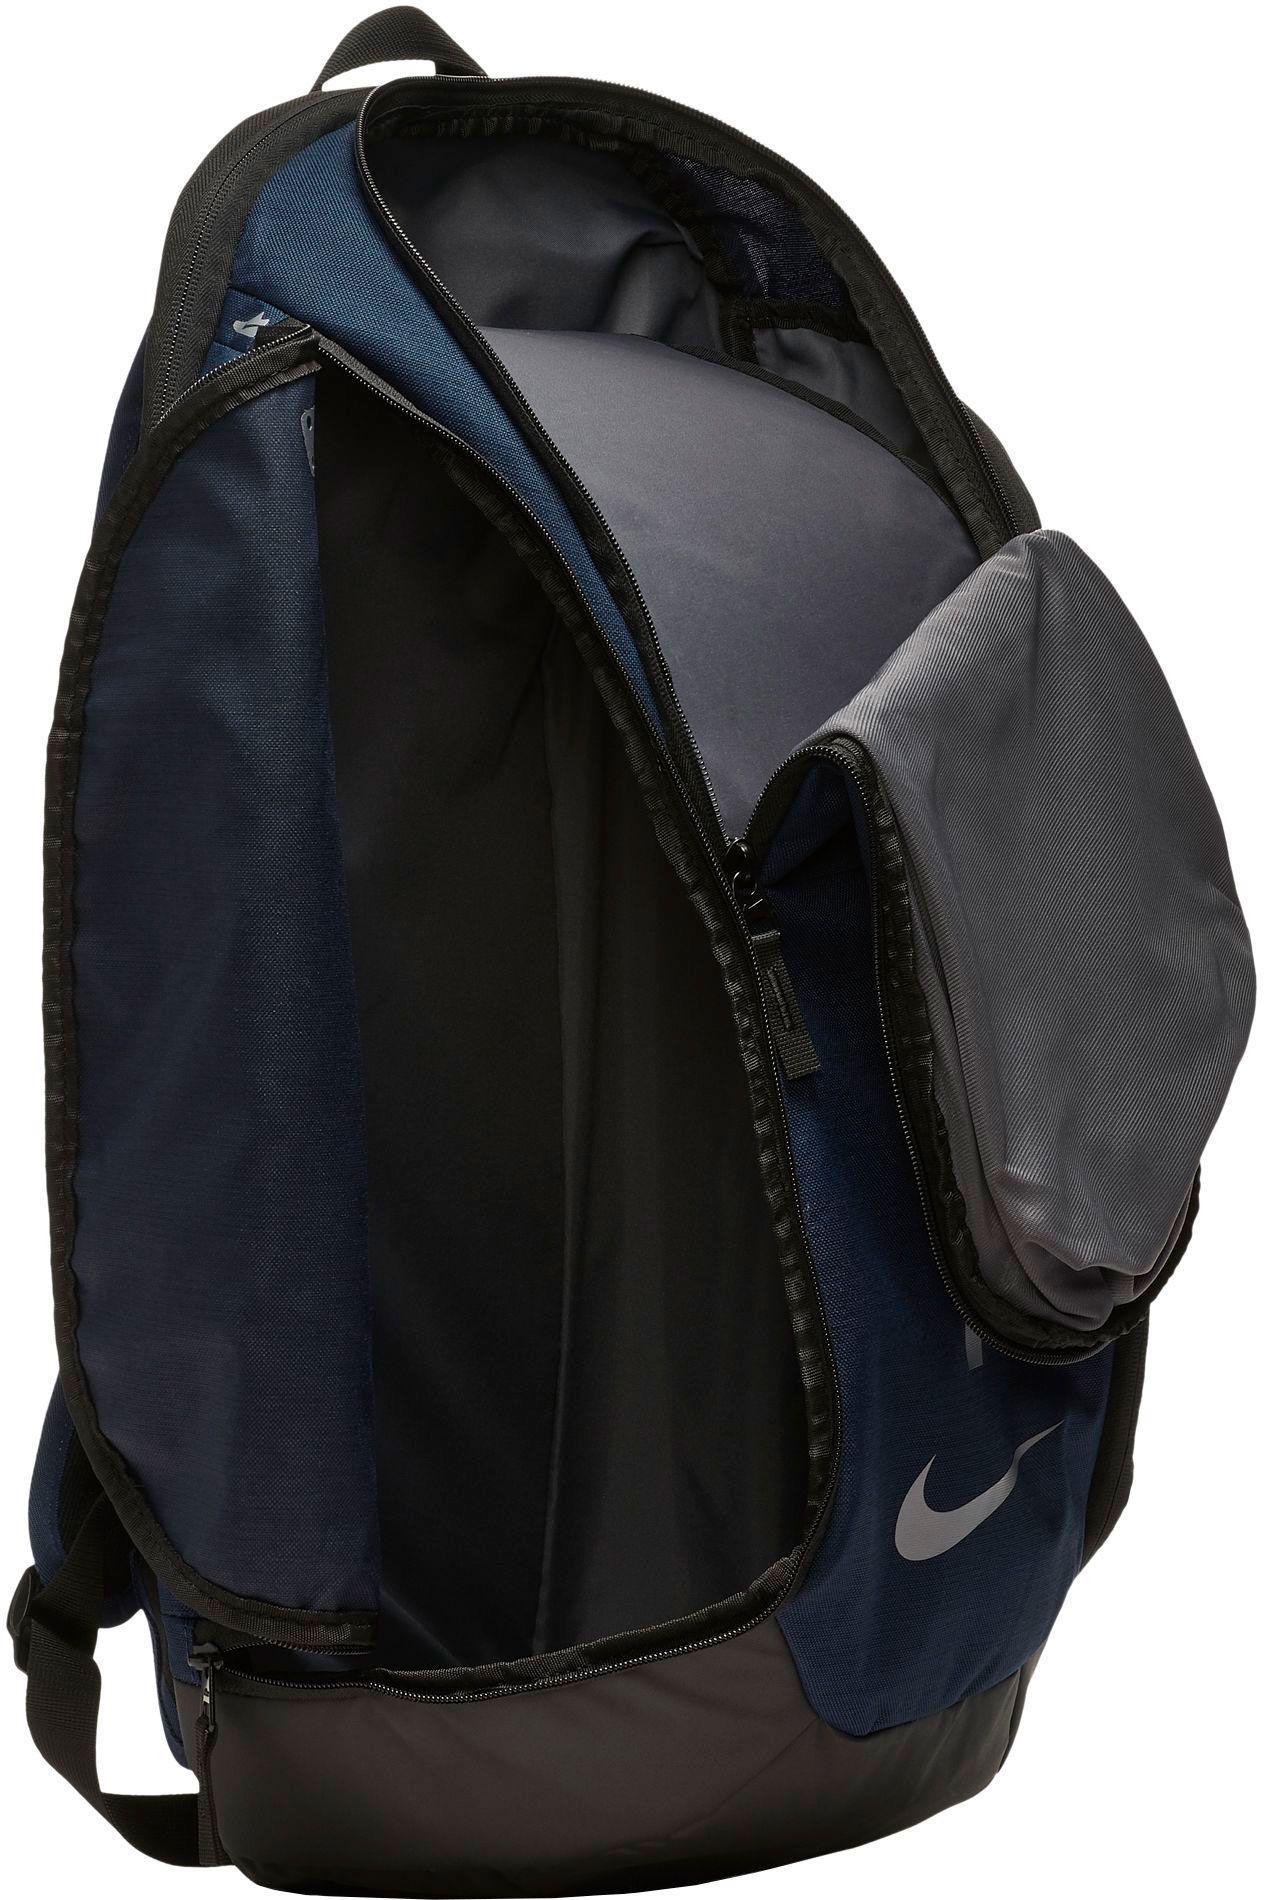 7ff91bd27d Lyst - Nike Hoops Elite Pro Basketball Backpack in Blue for Men